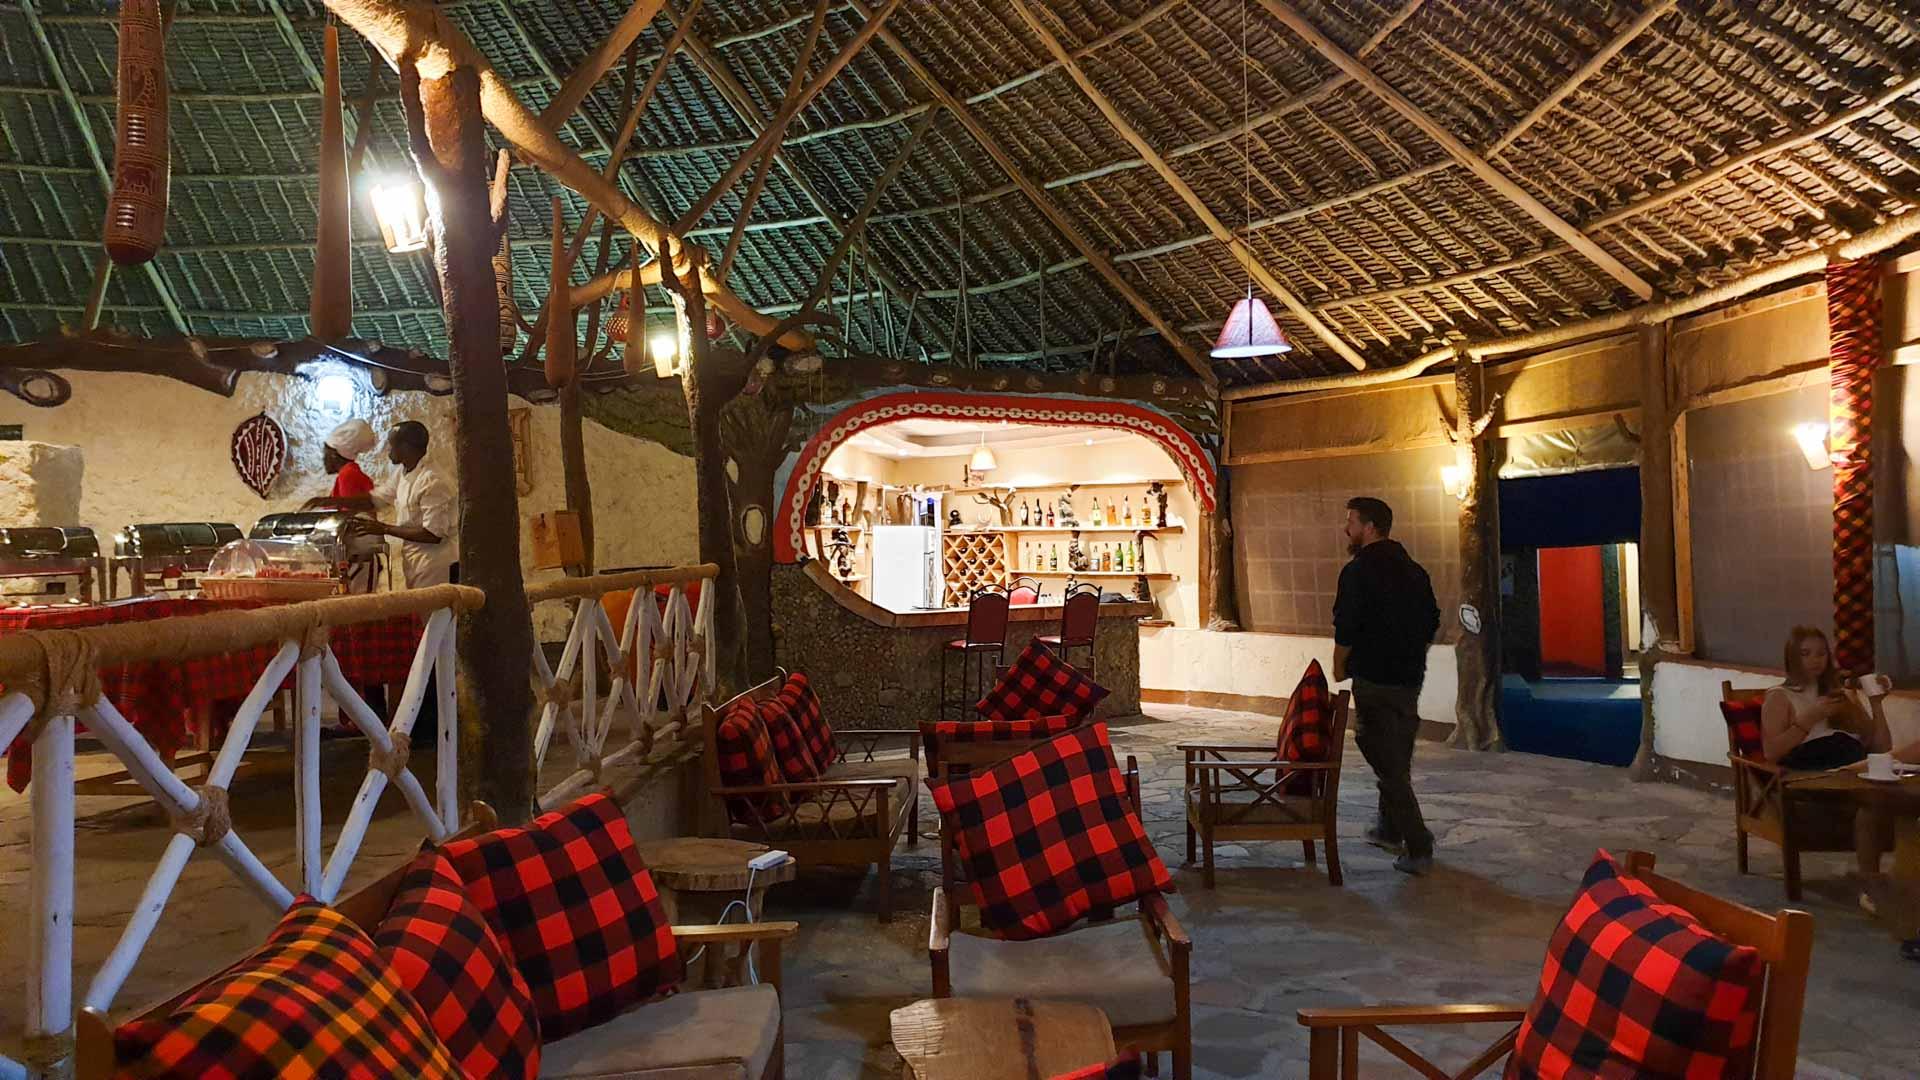 Bar y restaurante de nuestro alojamiento en Masai Mara, Enkorok Mara Camp, Kenia